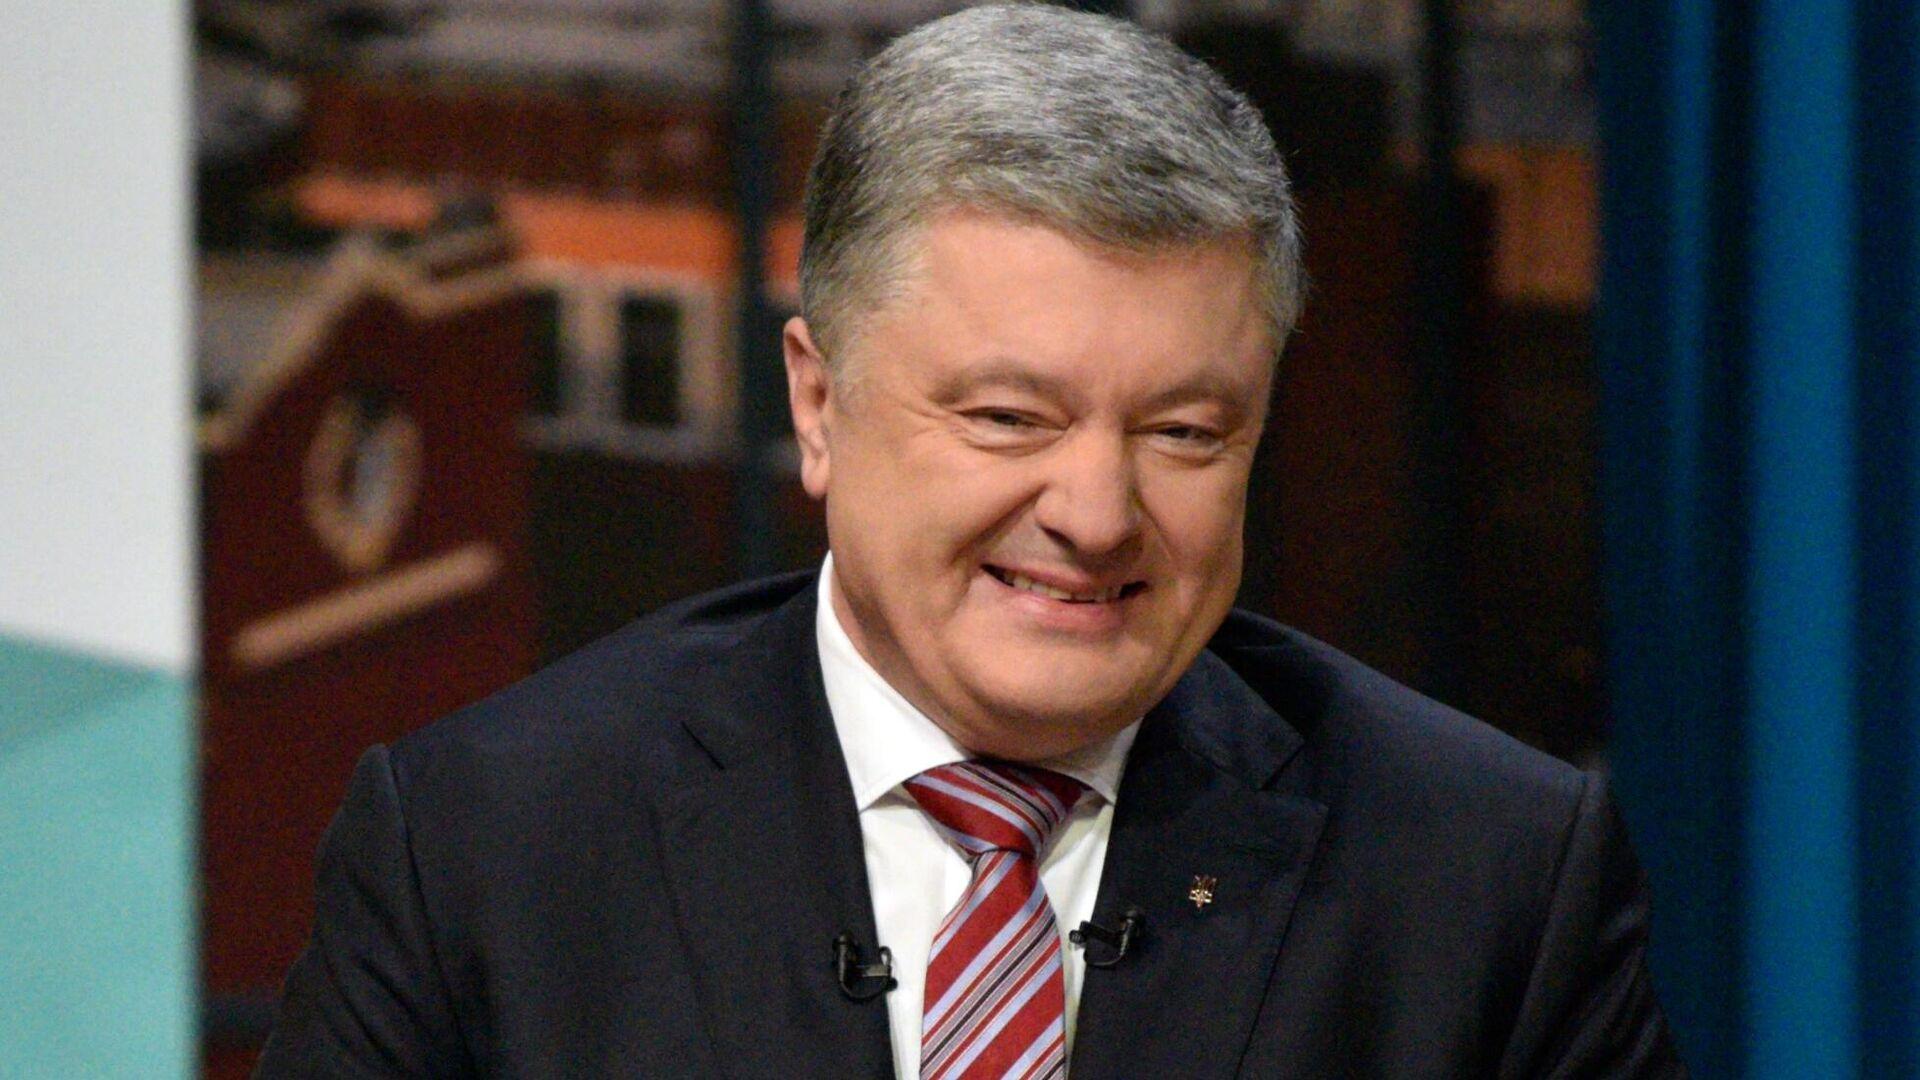 Петр Порошенко во время дискуссии с представителями гражданского общества - РИА Новости, 1920, 31.07.2021